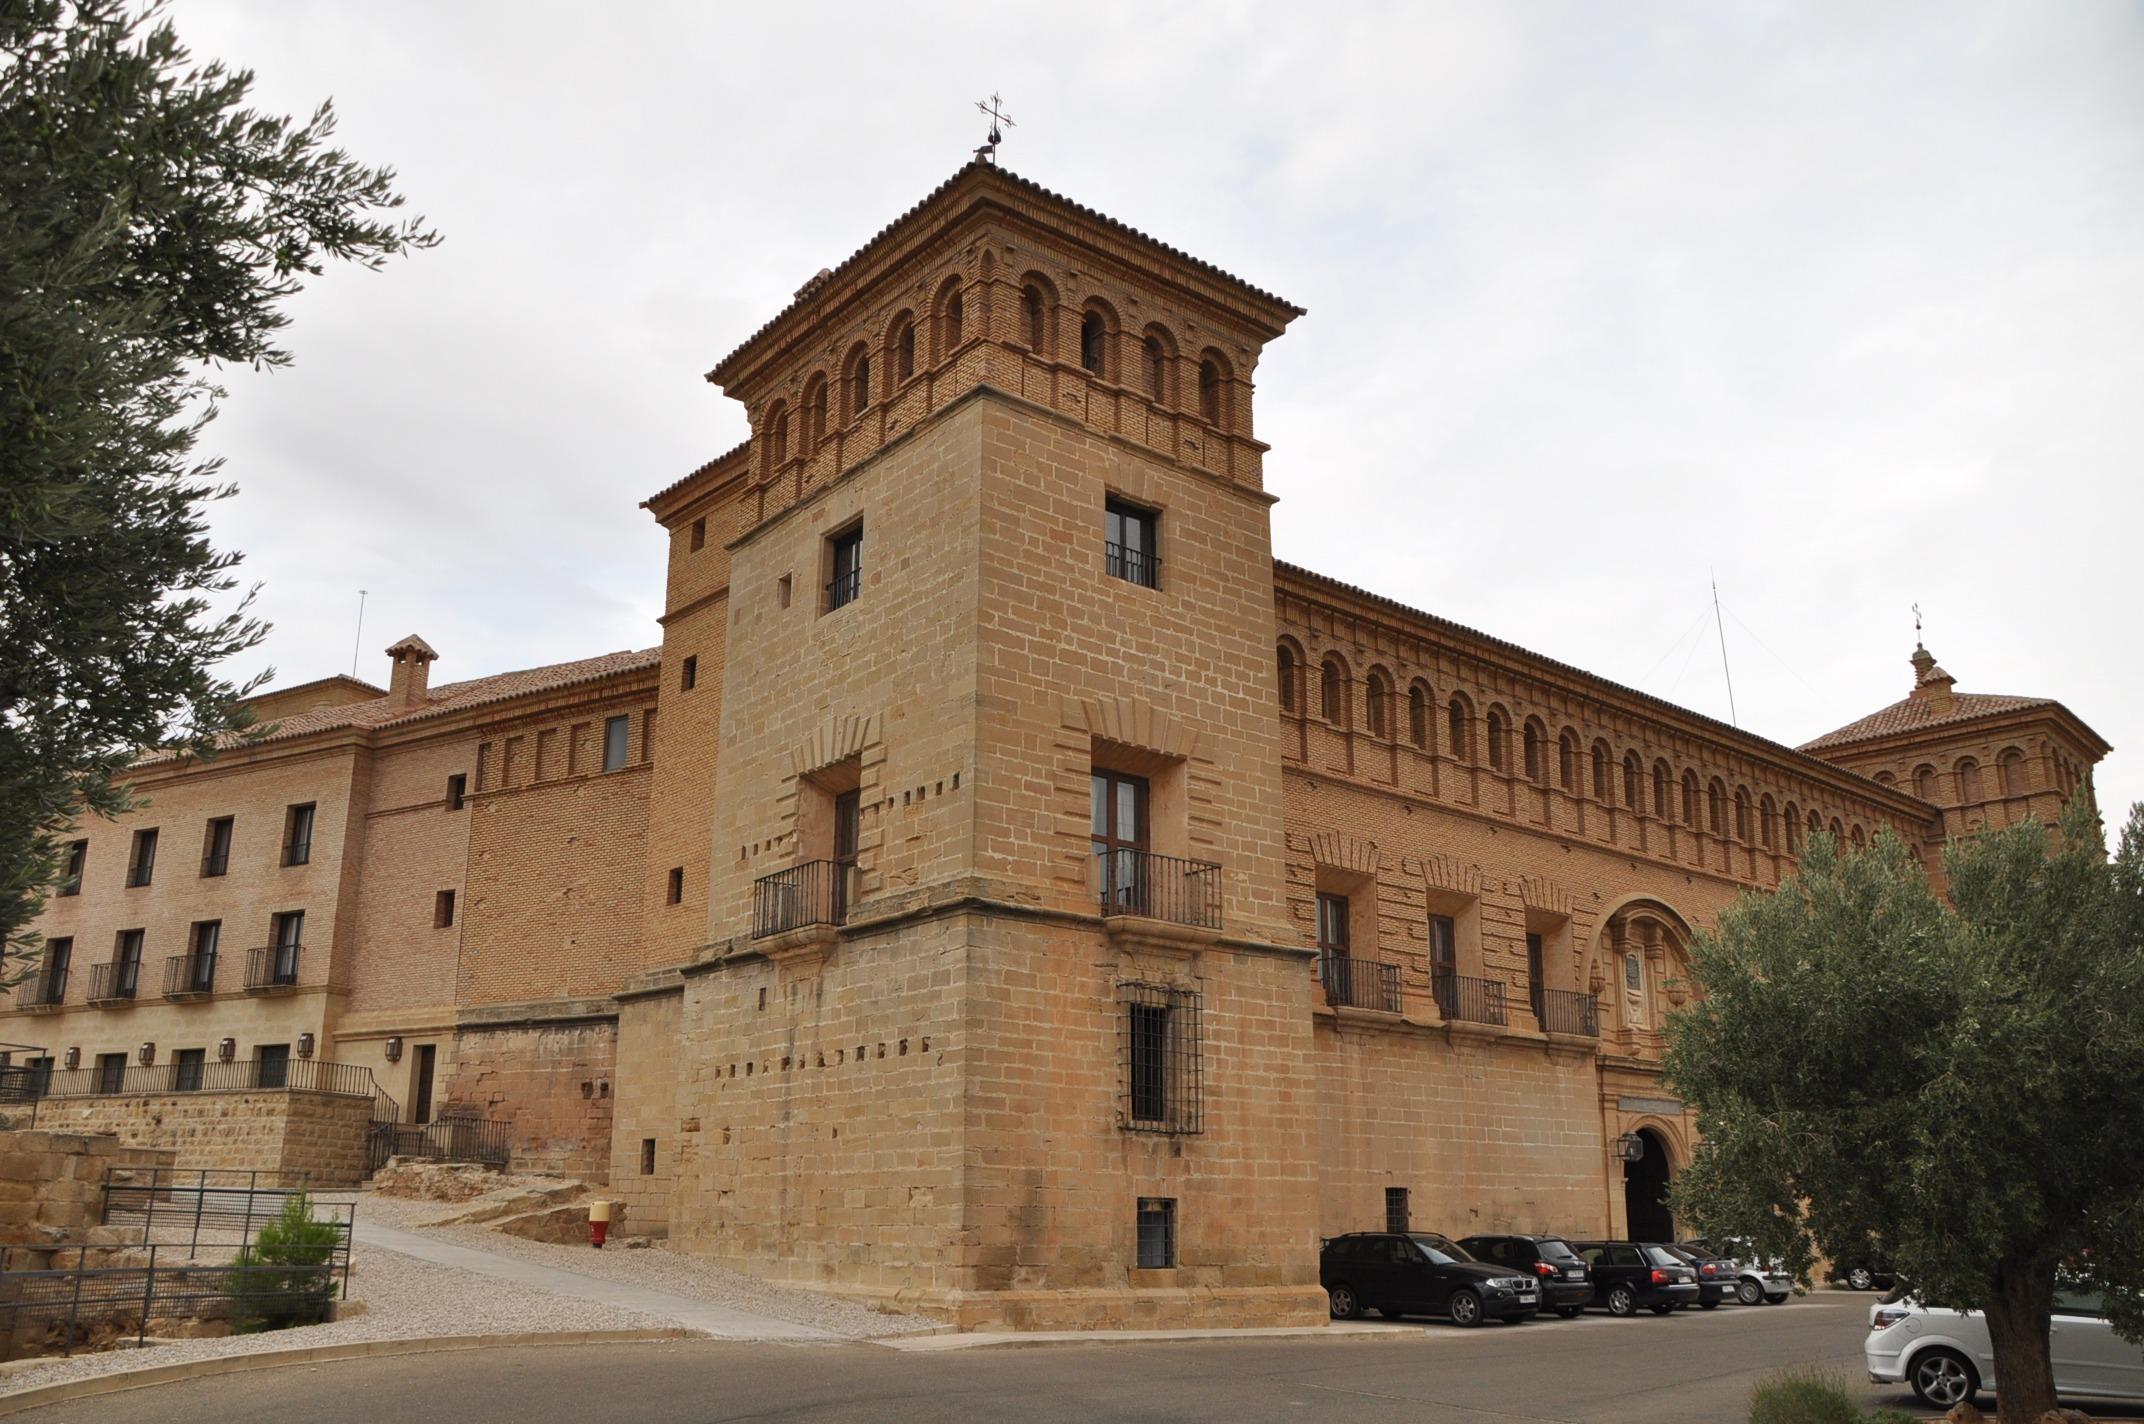 Visita nuestro inventario de fortalezas en Aragón